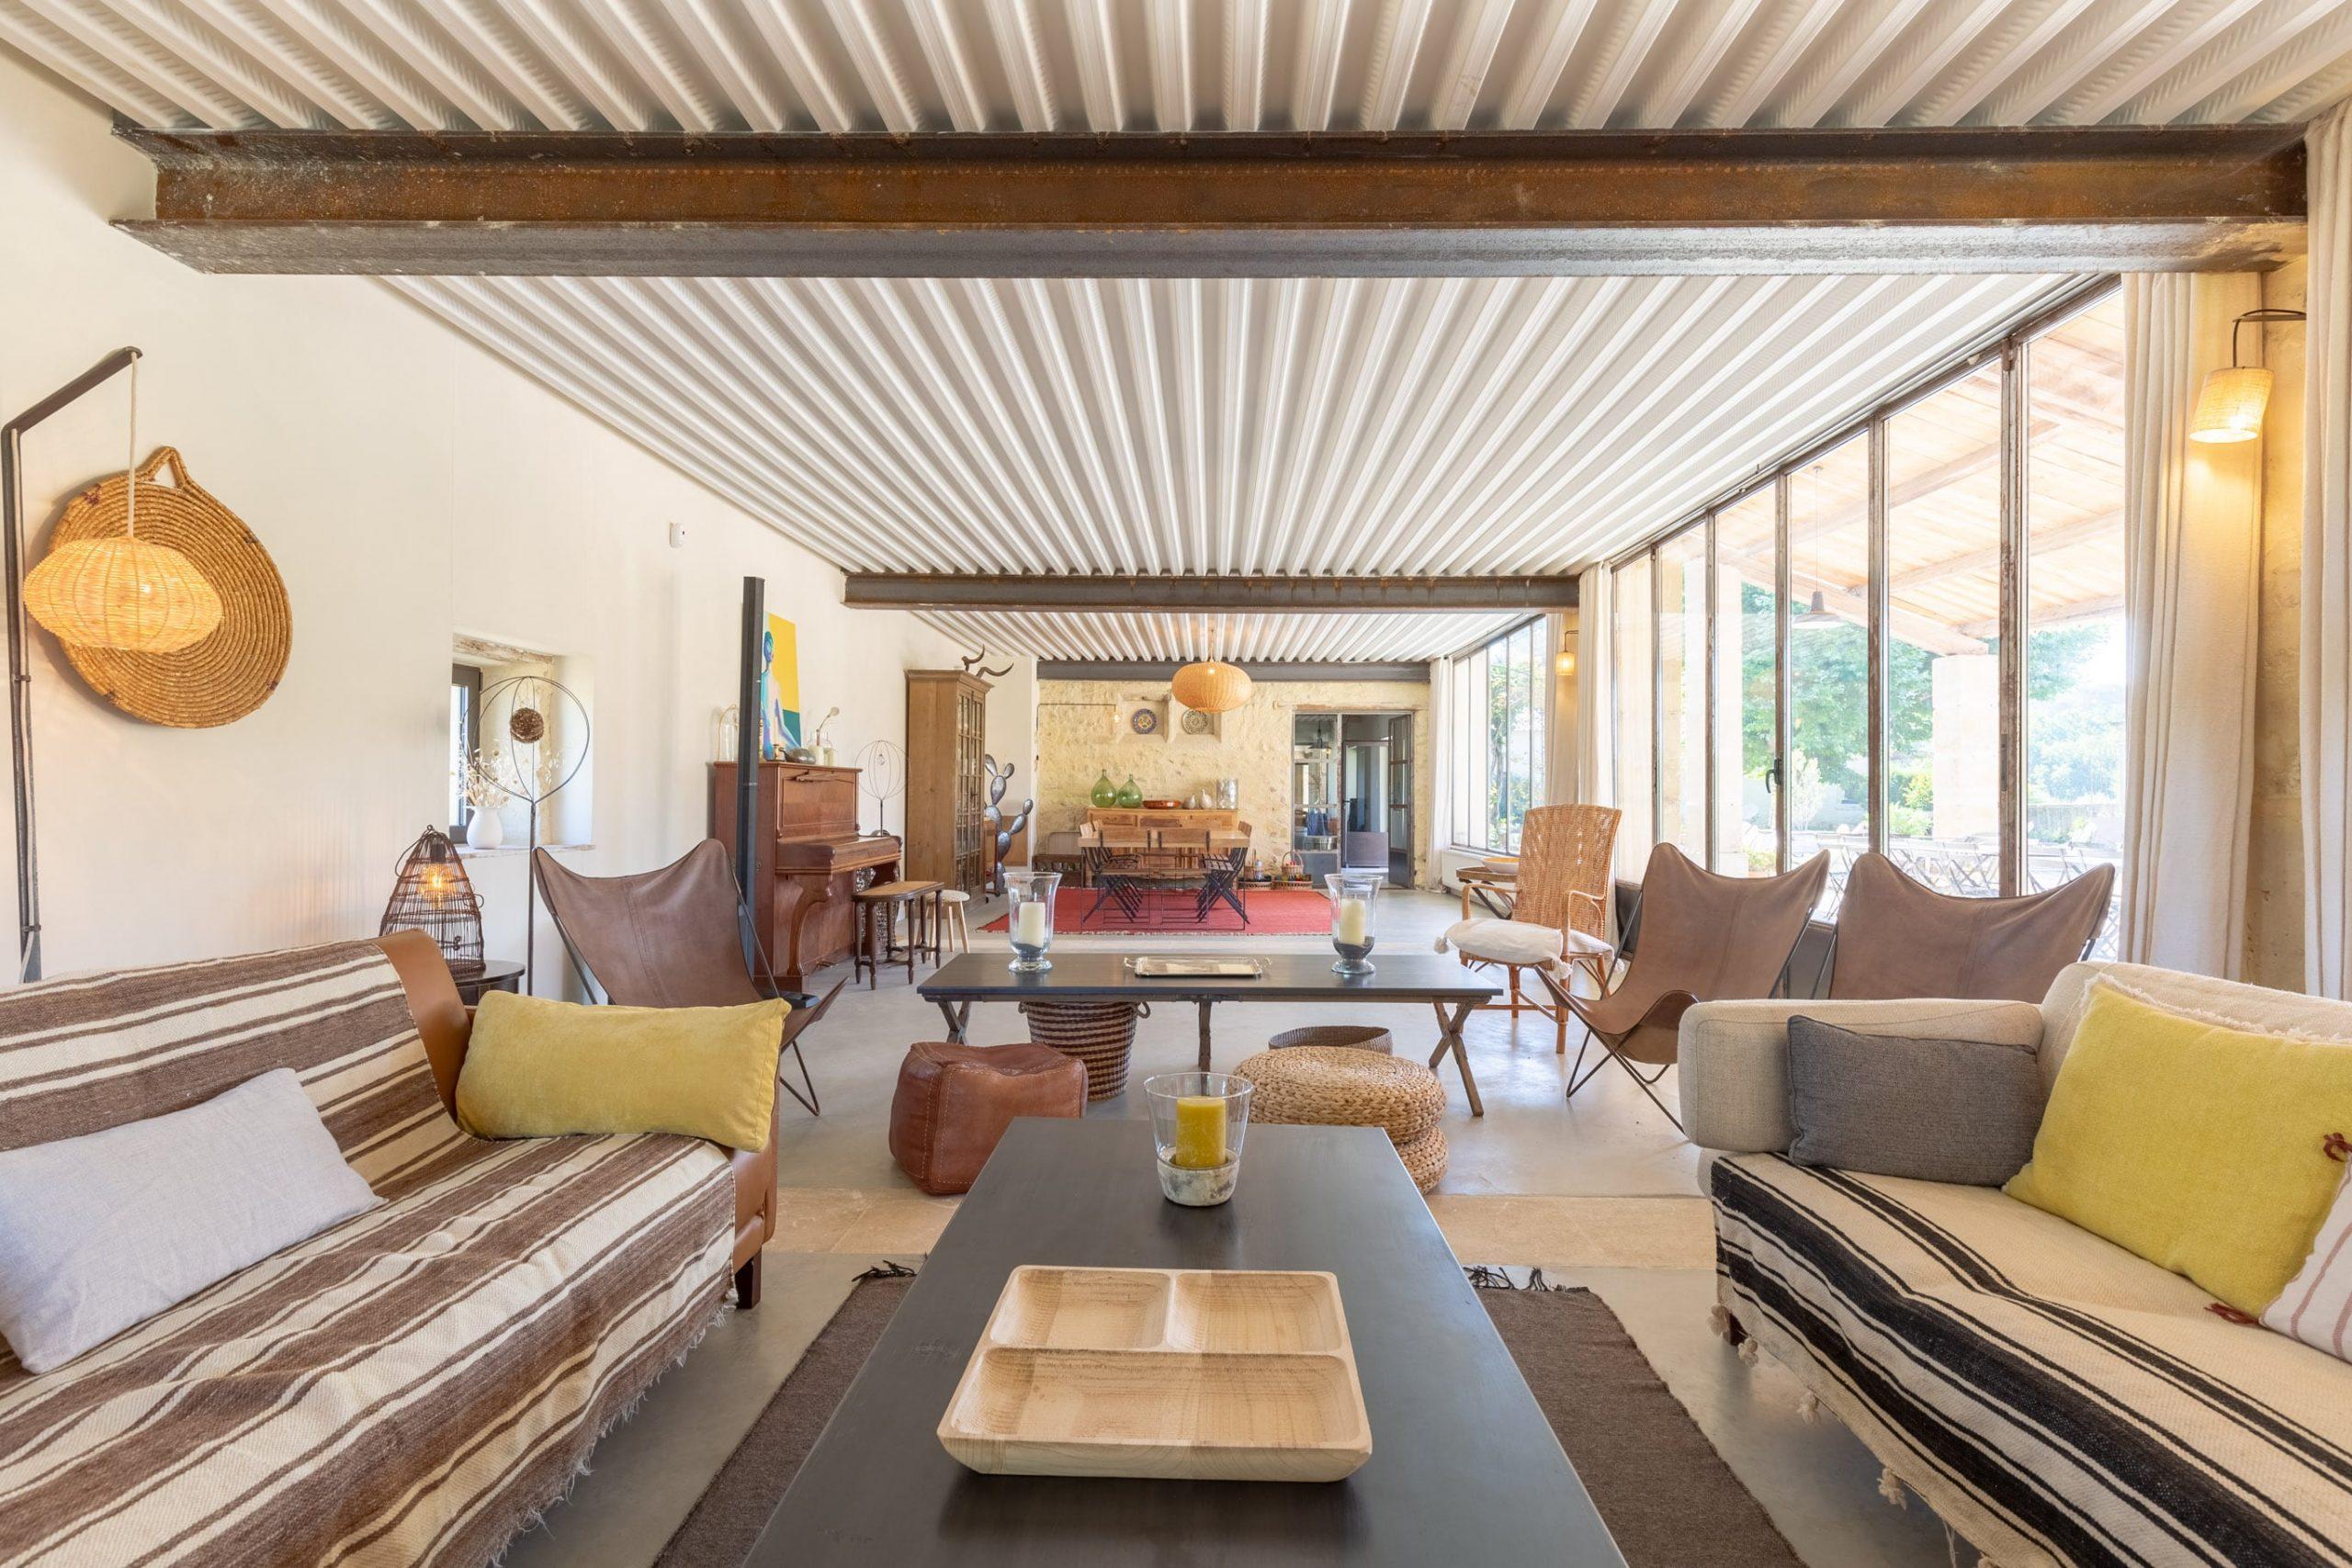 Maison d'hôtes dans le Vaucluse de 600m2 - 2014-min